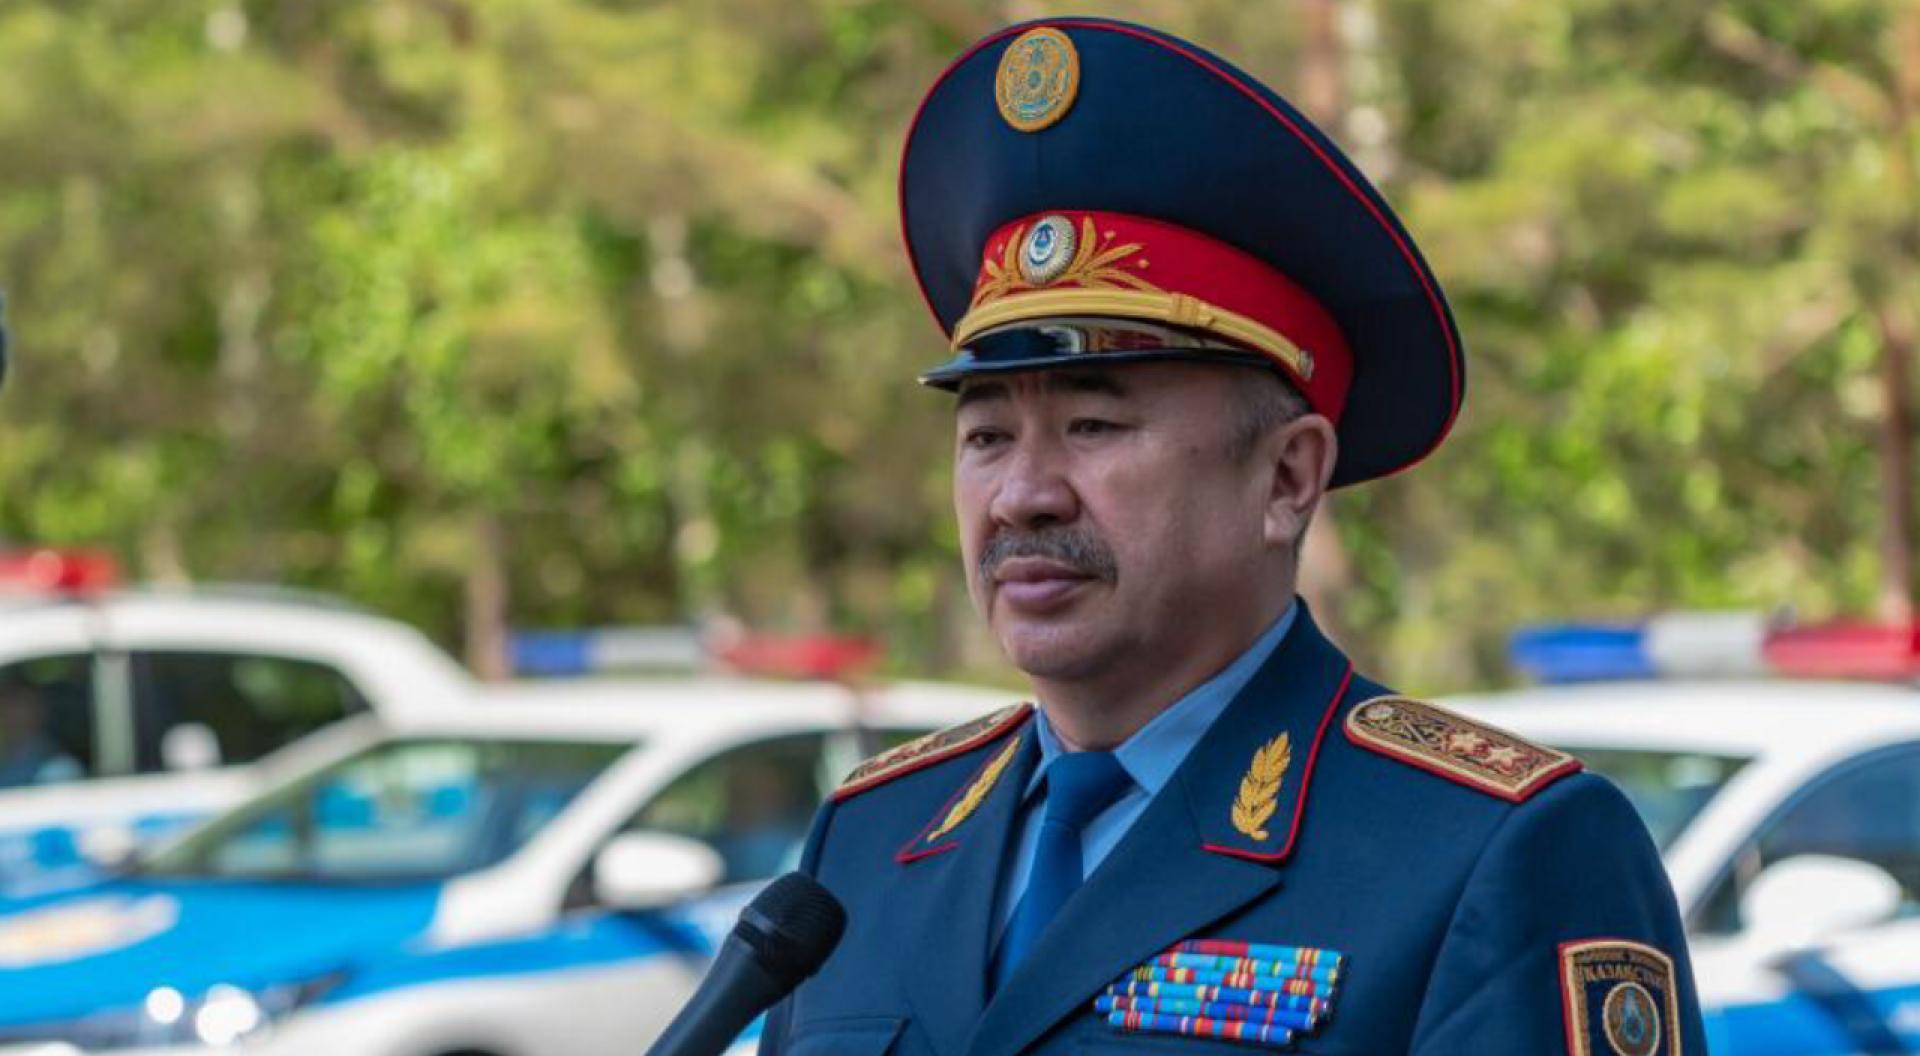 Из предложений казахстанцев по реформе МВД мы выбрали 28 основных направлений, - министр Тургумбаев